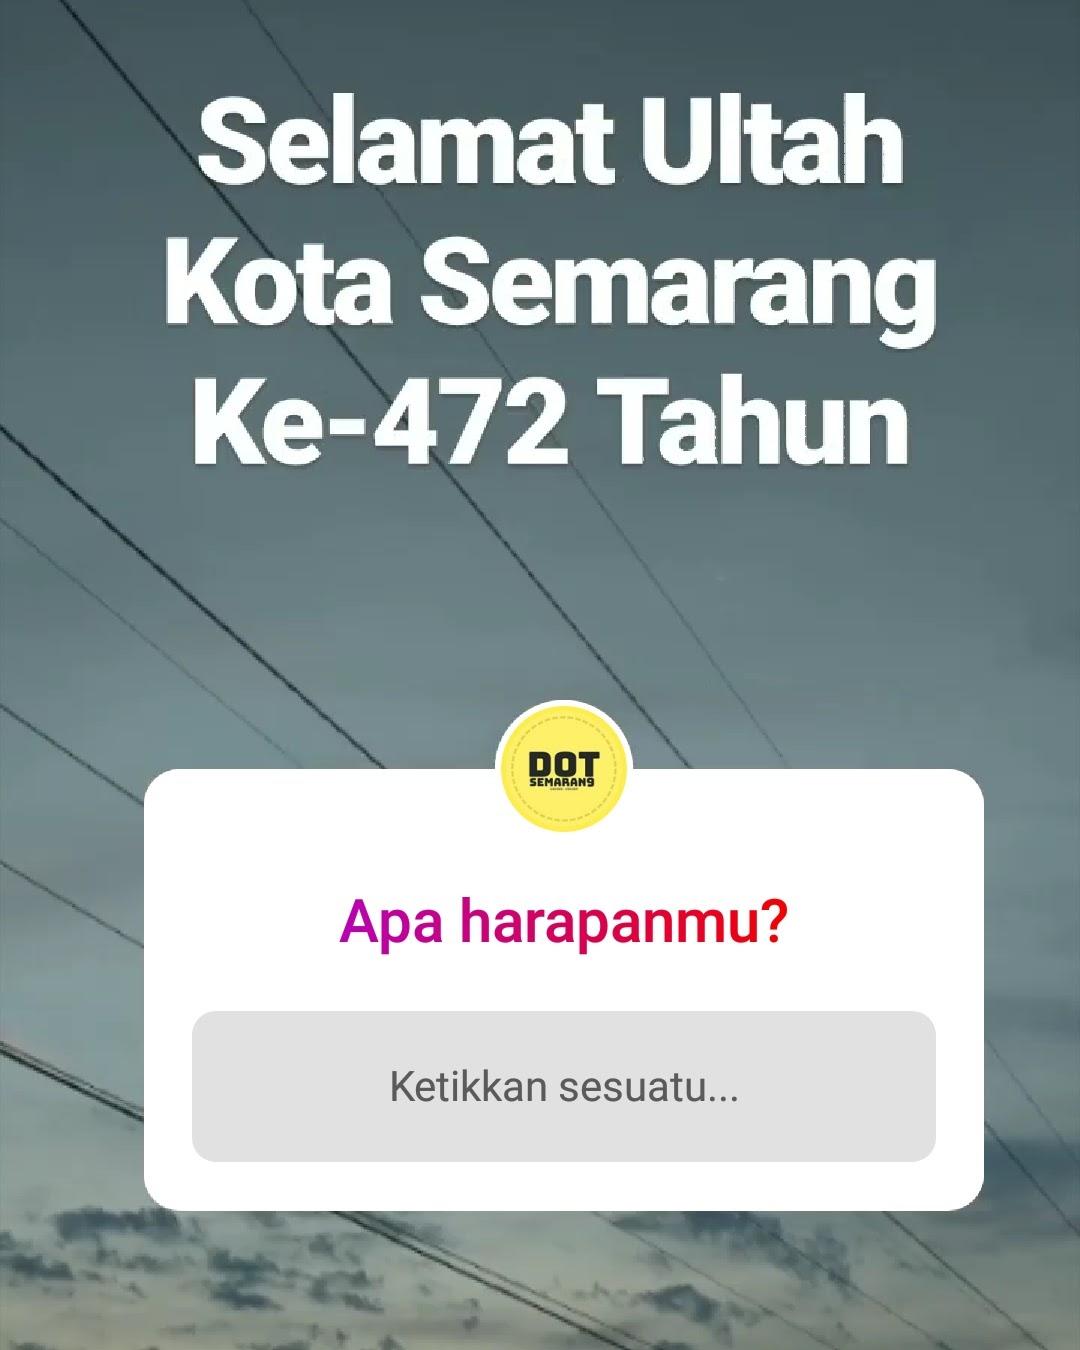 [Instagram Stories] Harapan di Hari Jadi Kota Semarang yang Ke-472 Tahun